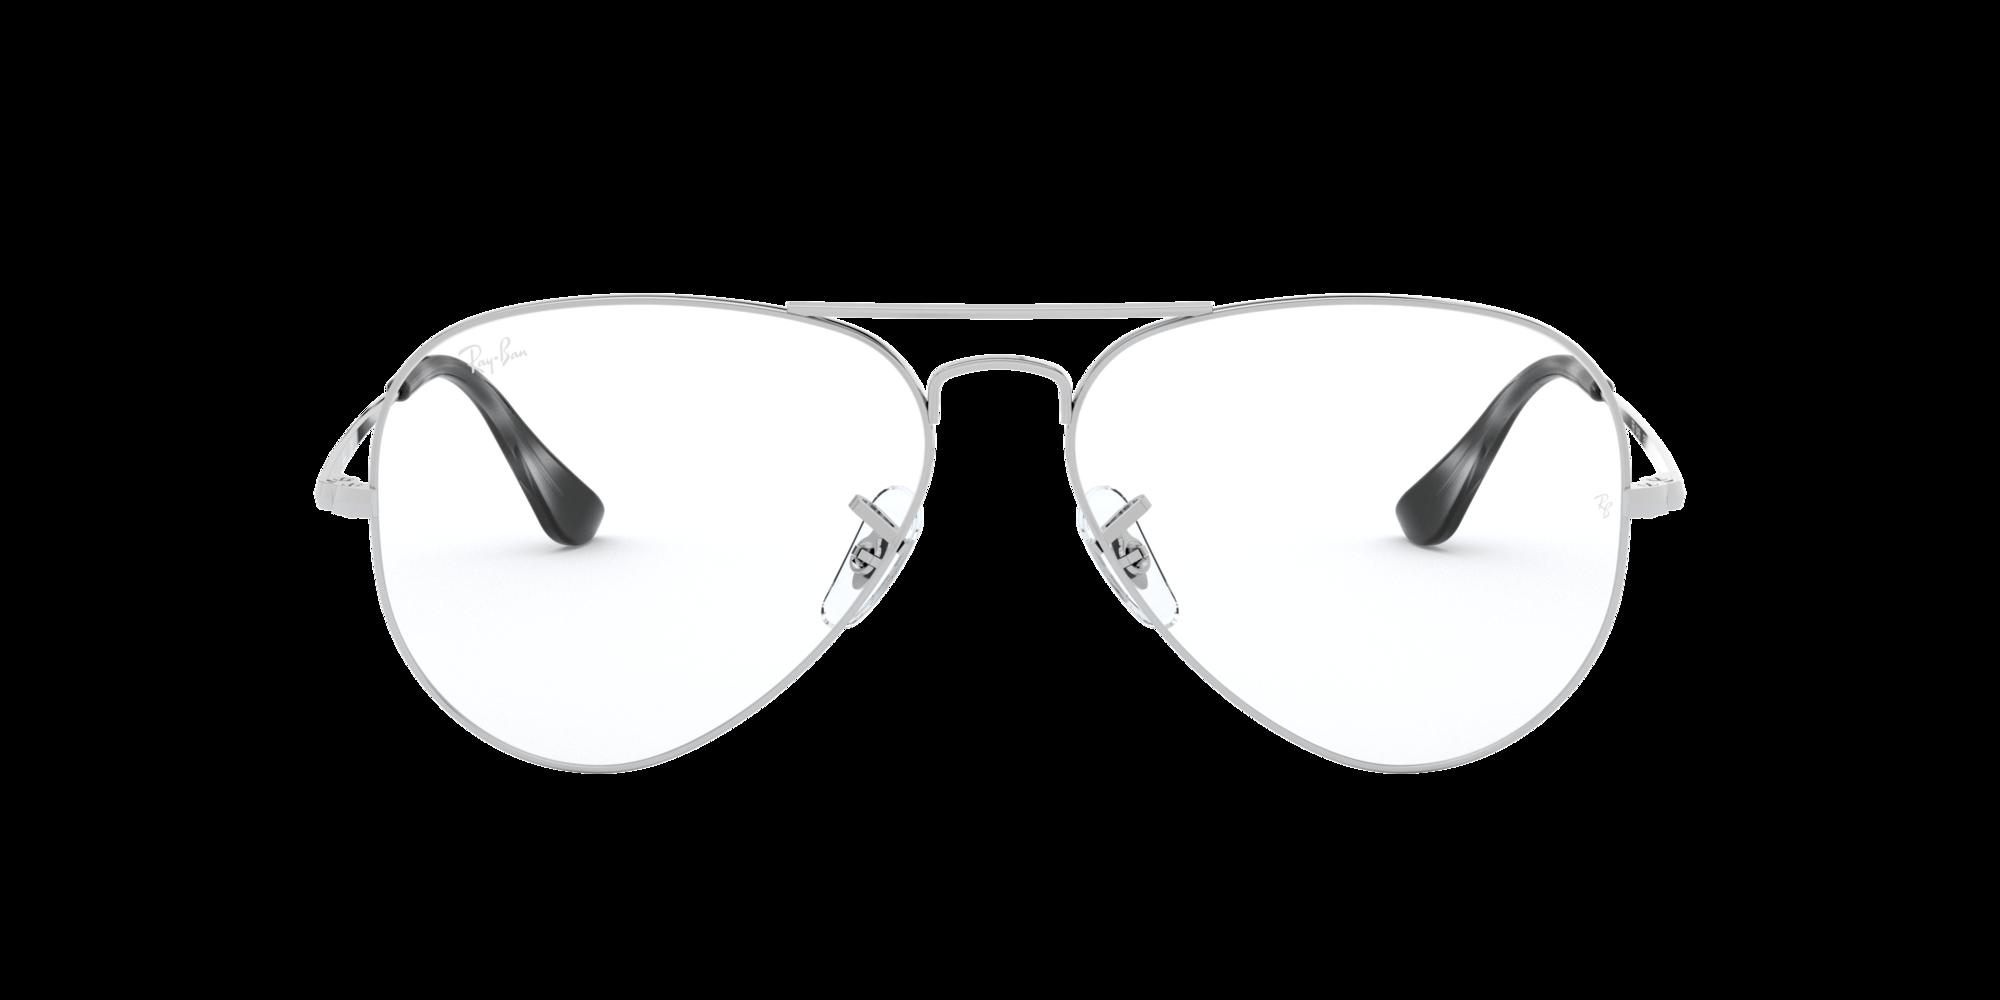 Imagen para RX6489 AVIATOR de LensCrafters |  Espejuelos, espejuelos graduados en línea, gafas